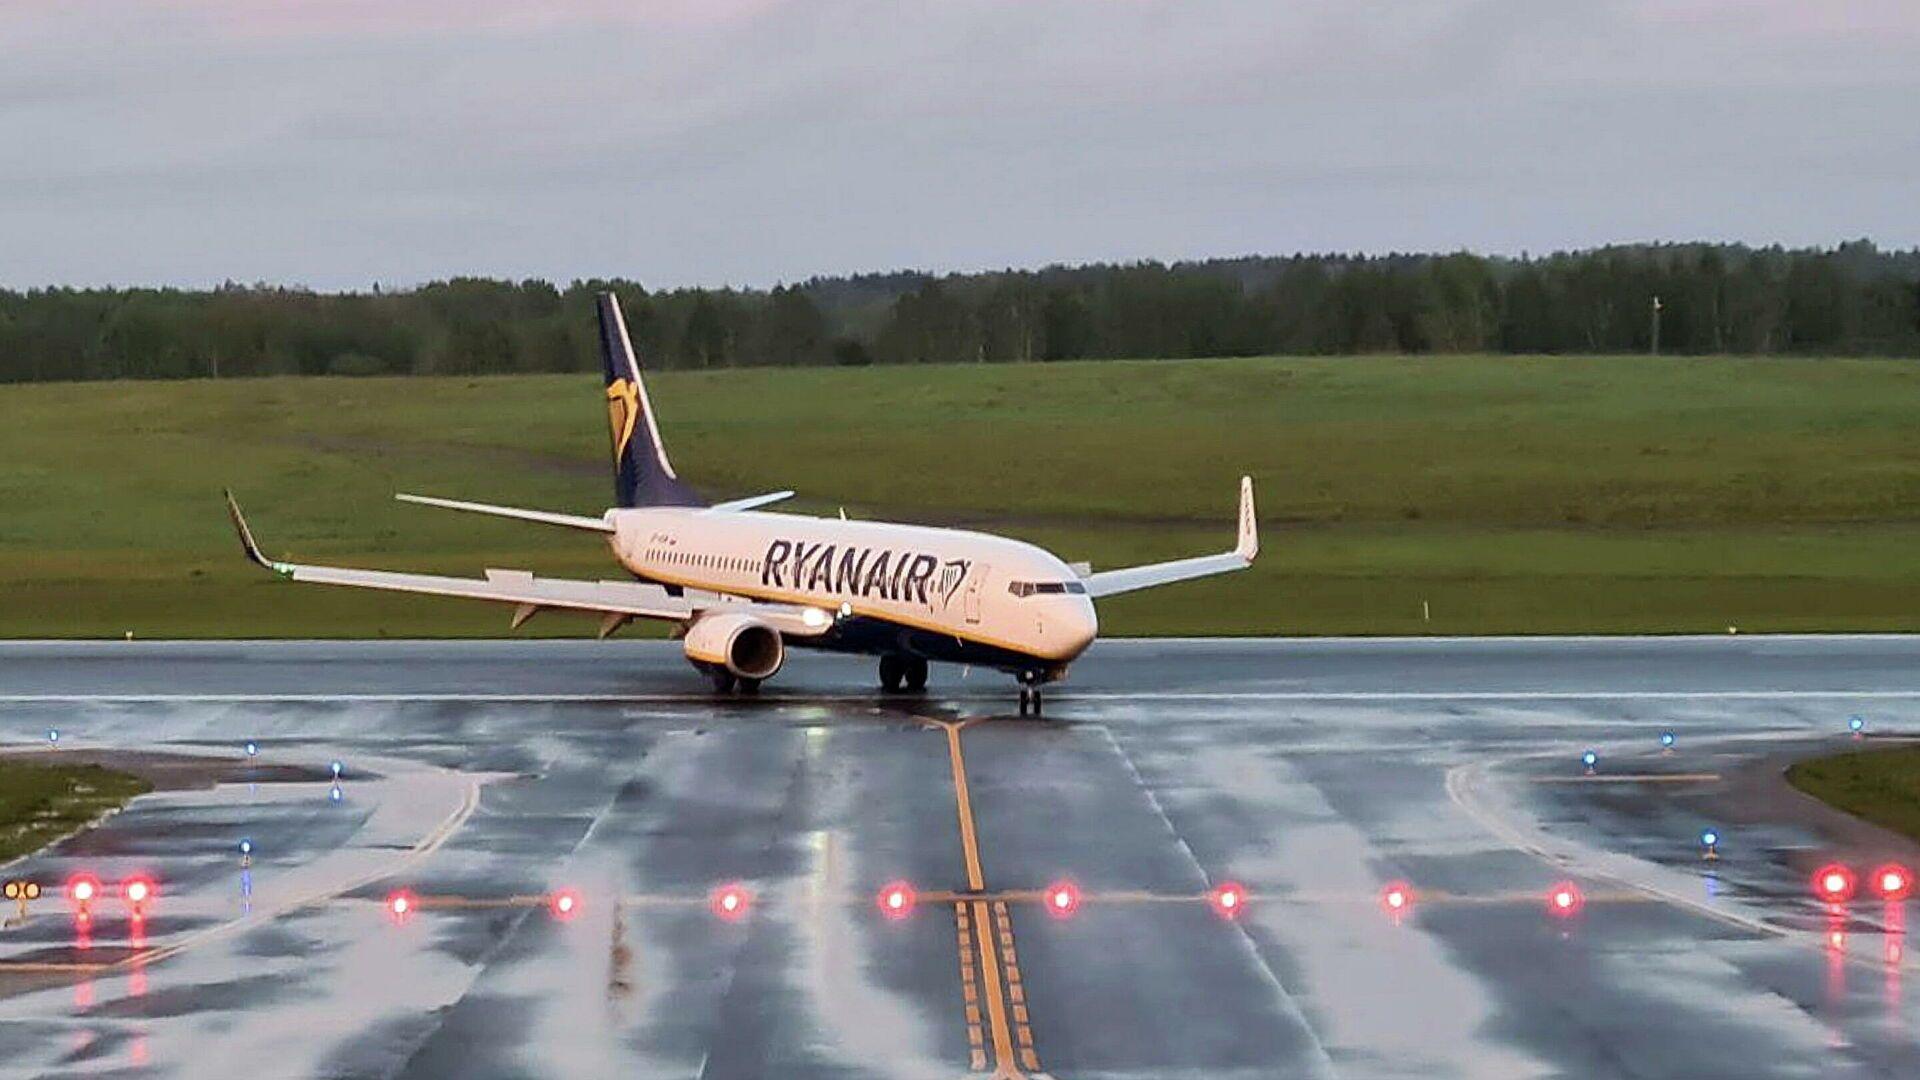 Захоплення літака в Мінську: обставини, які не можна ігнорувати